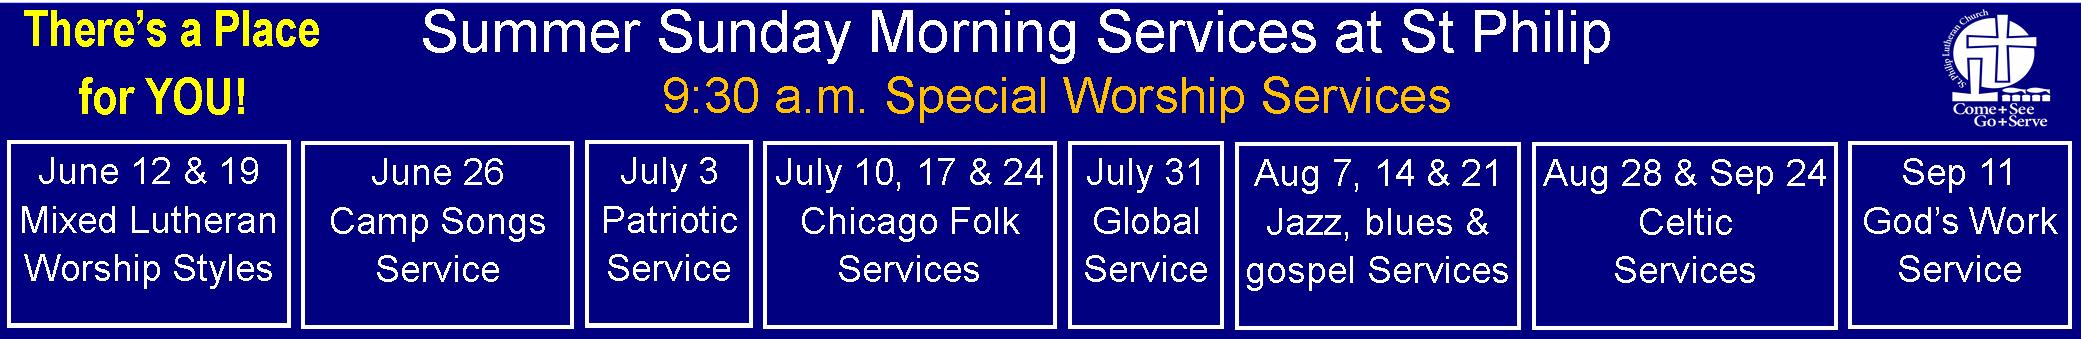 St Philip - Summer Schedule 2016